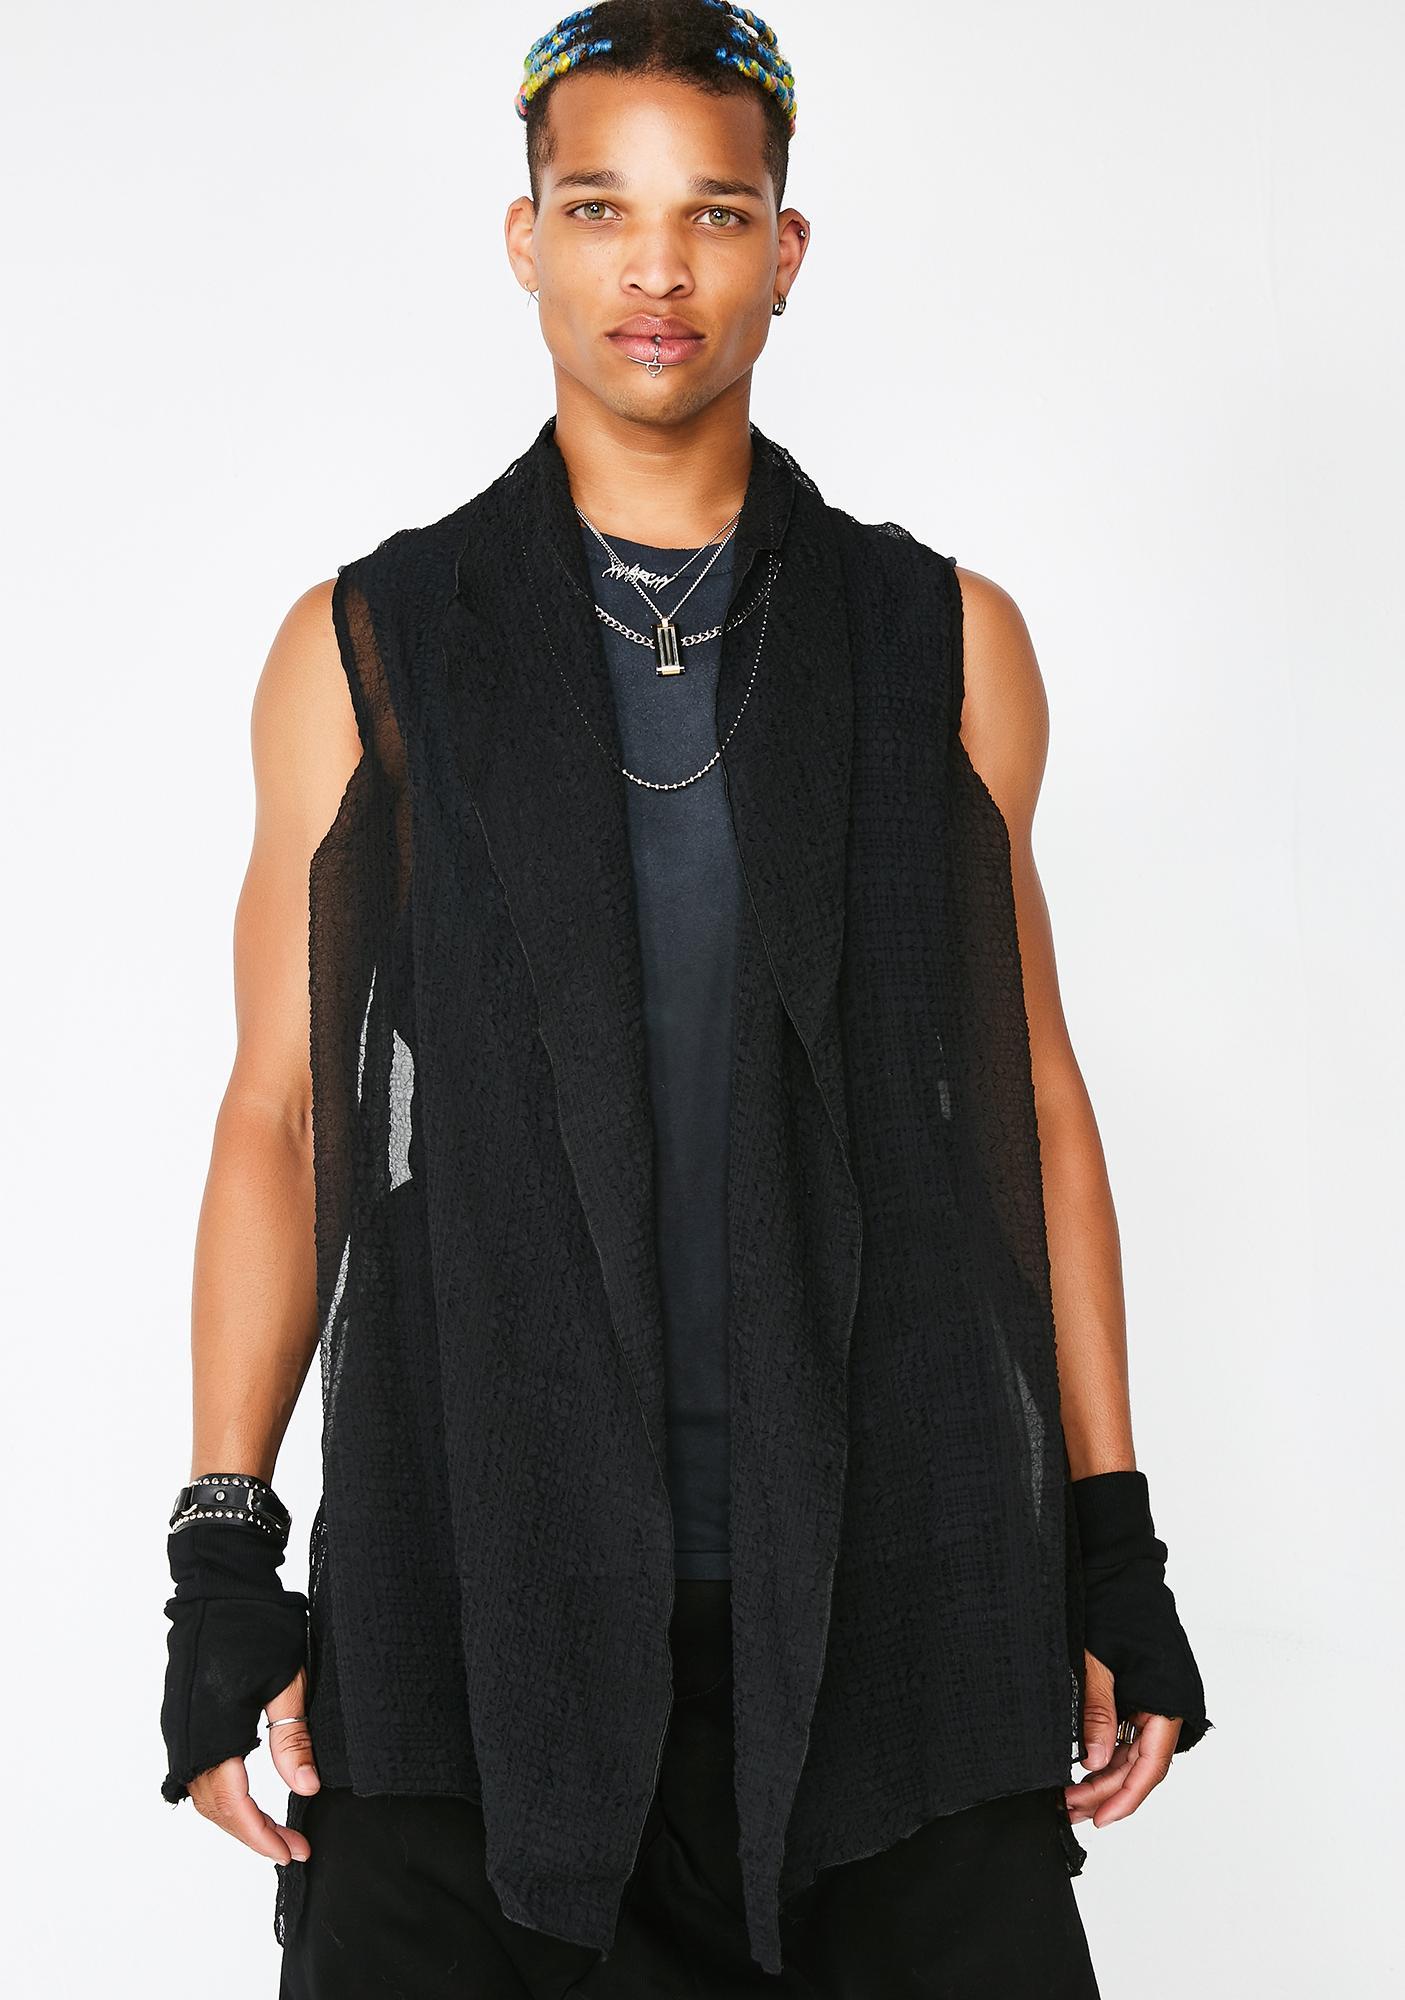 Matter of Black Chiffon Vest